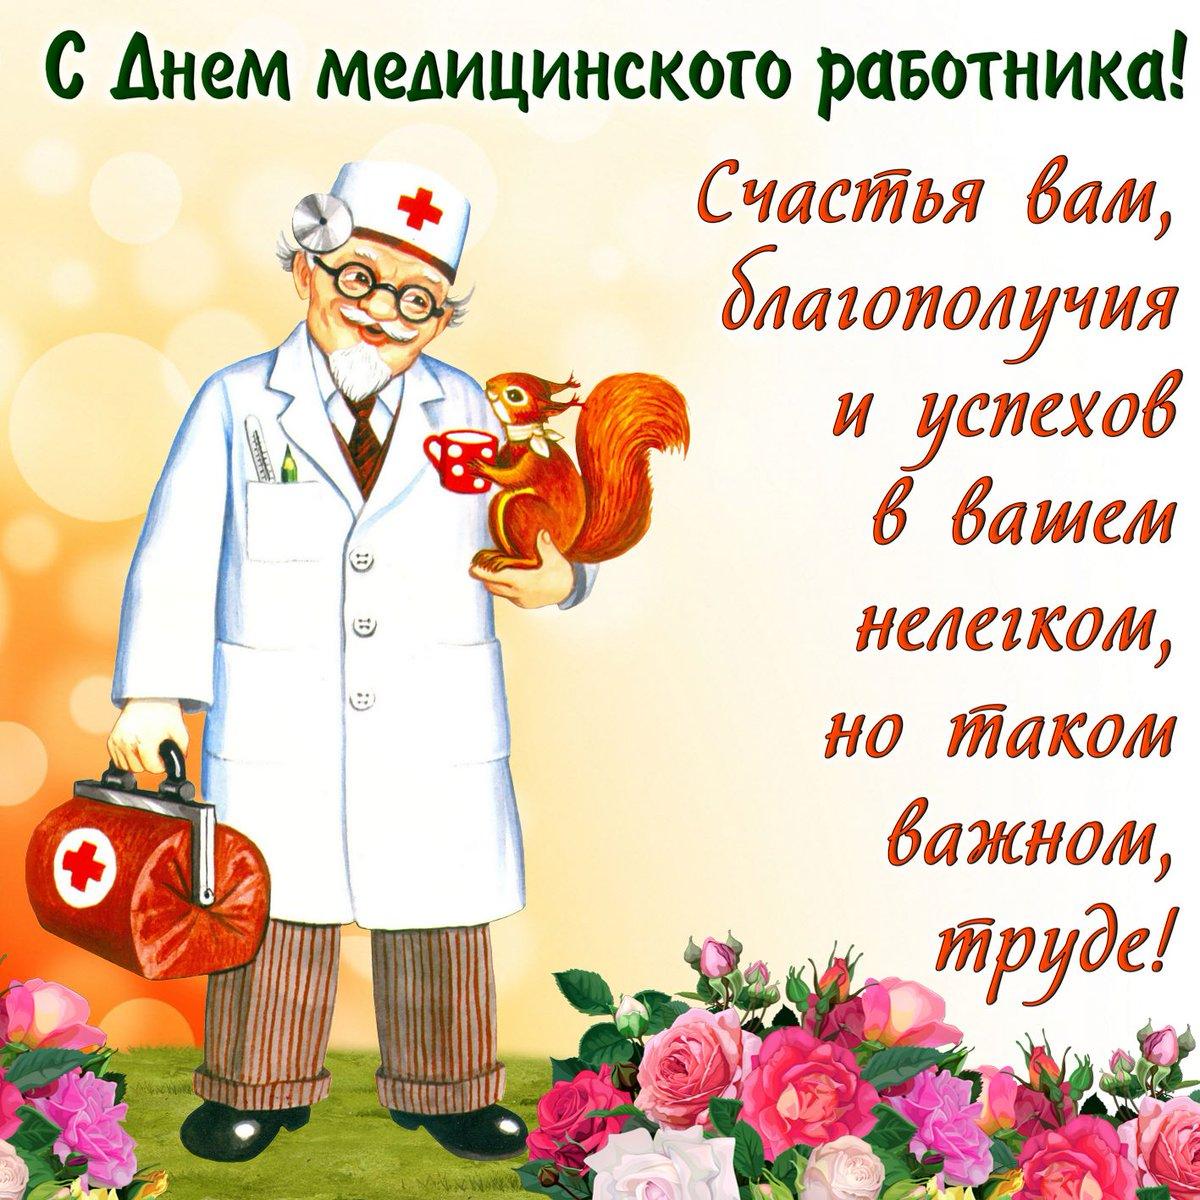 Поздравления врачу 40 лет